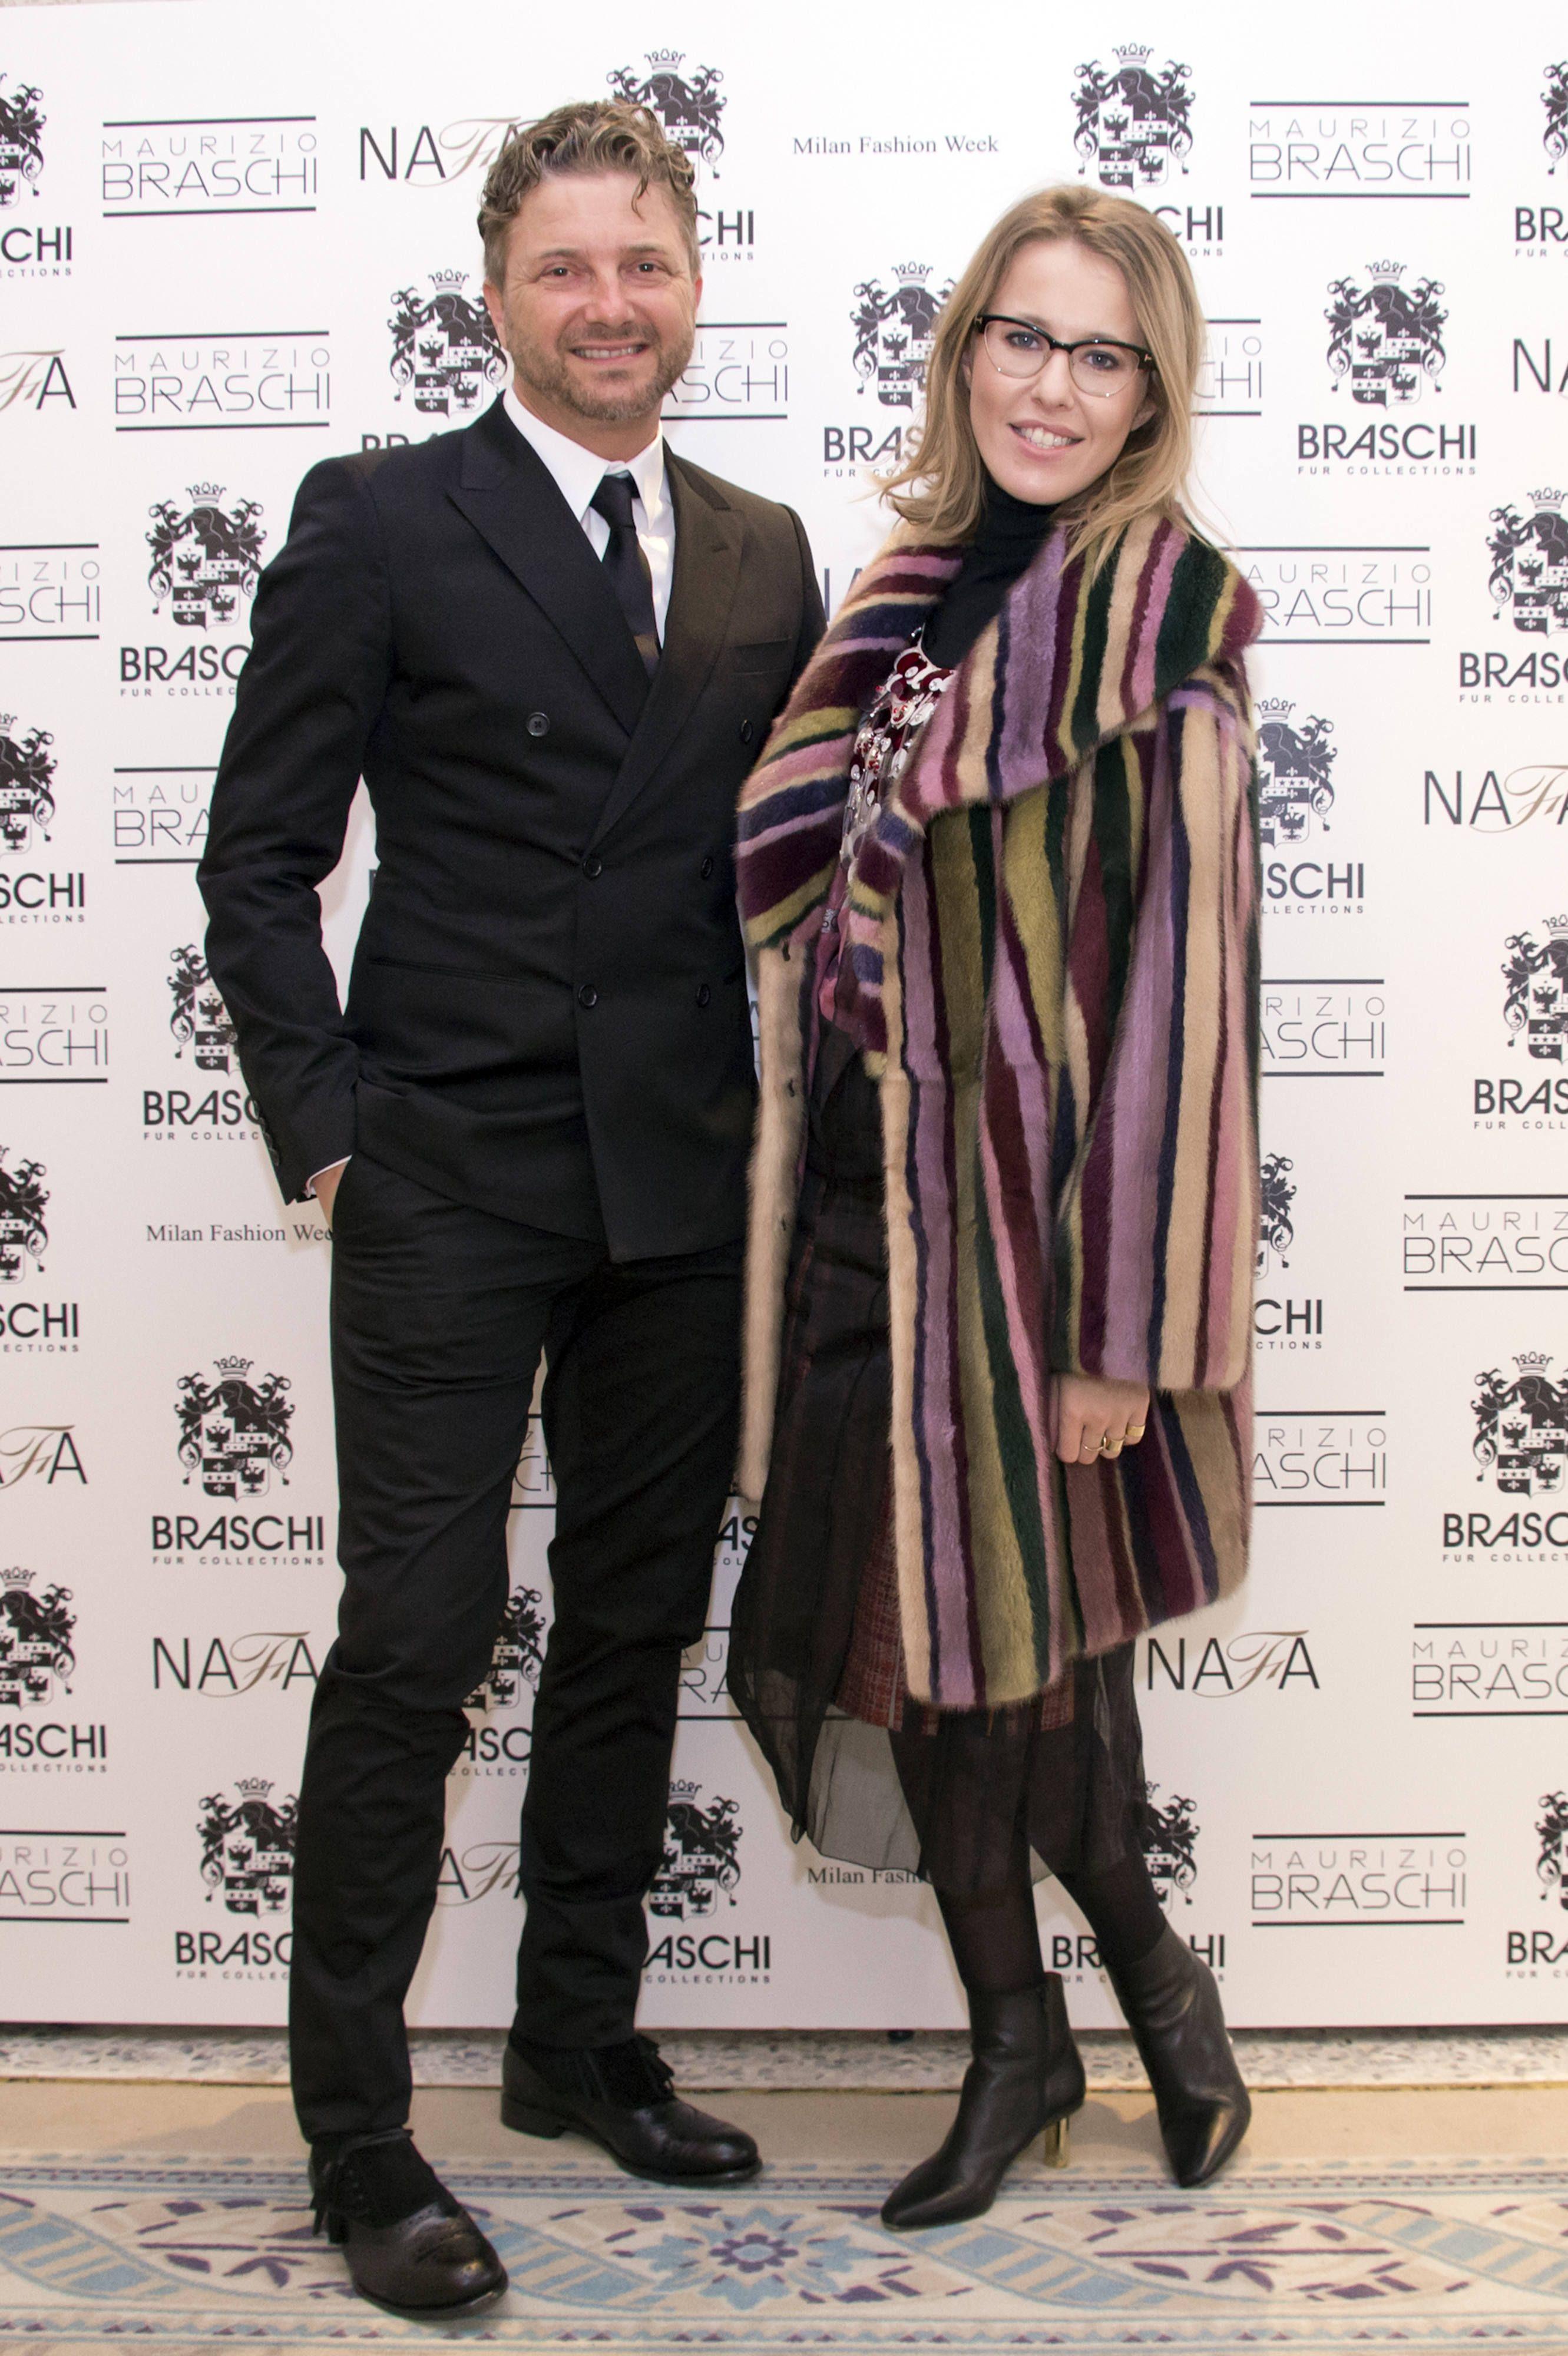 Ksenia Sabchiak and Maurizio Braschi #braschi #fur #celebrity #fashion #glamour #style #classy #luxury